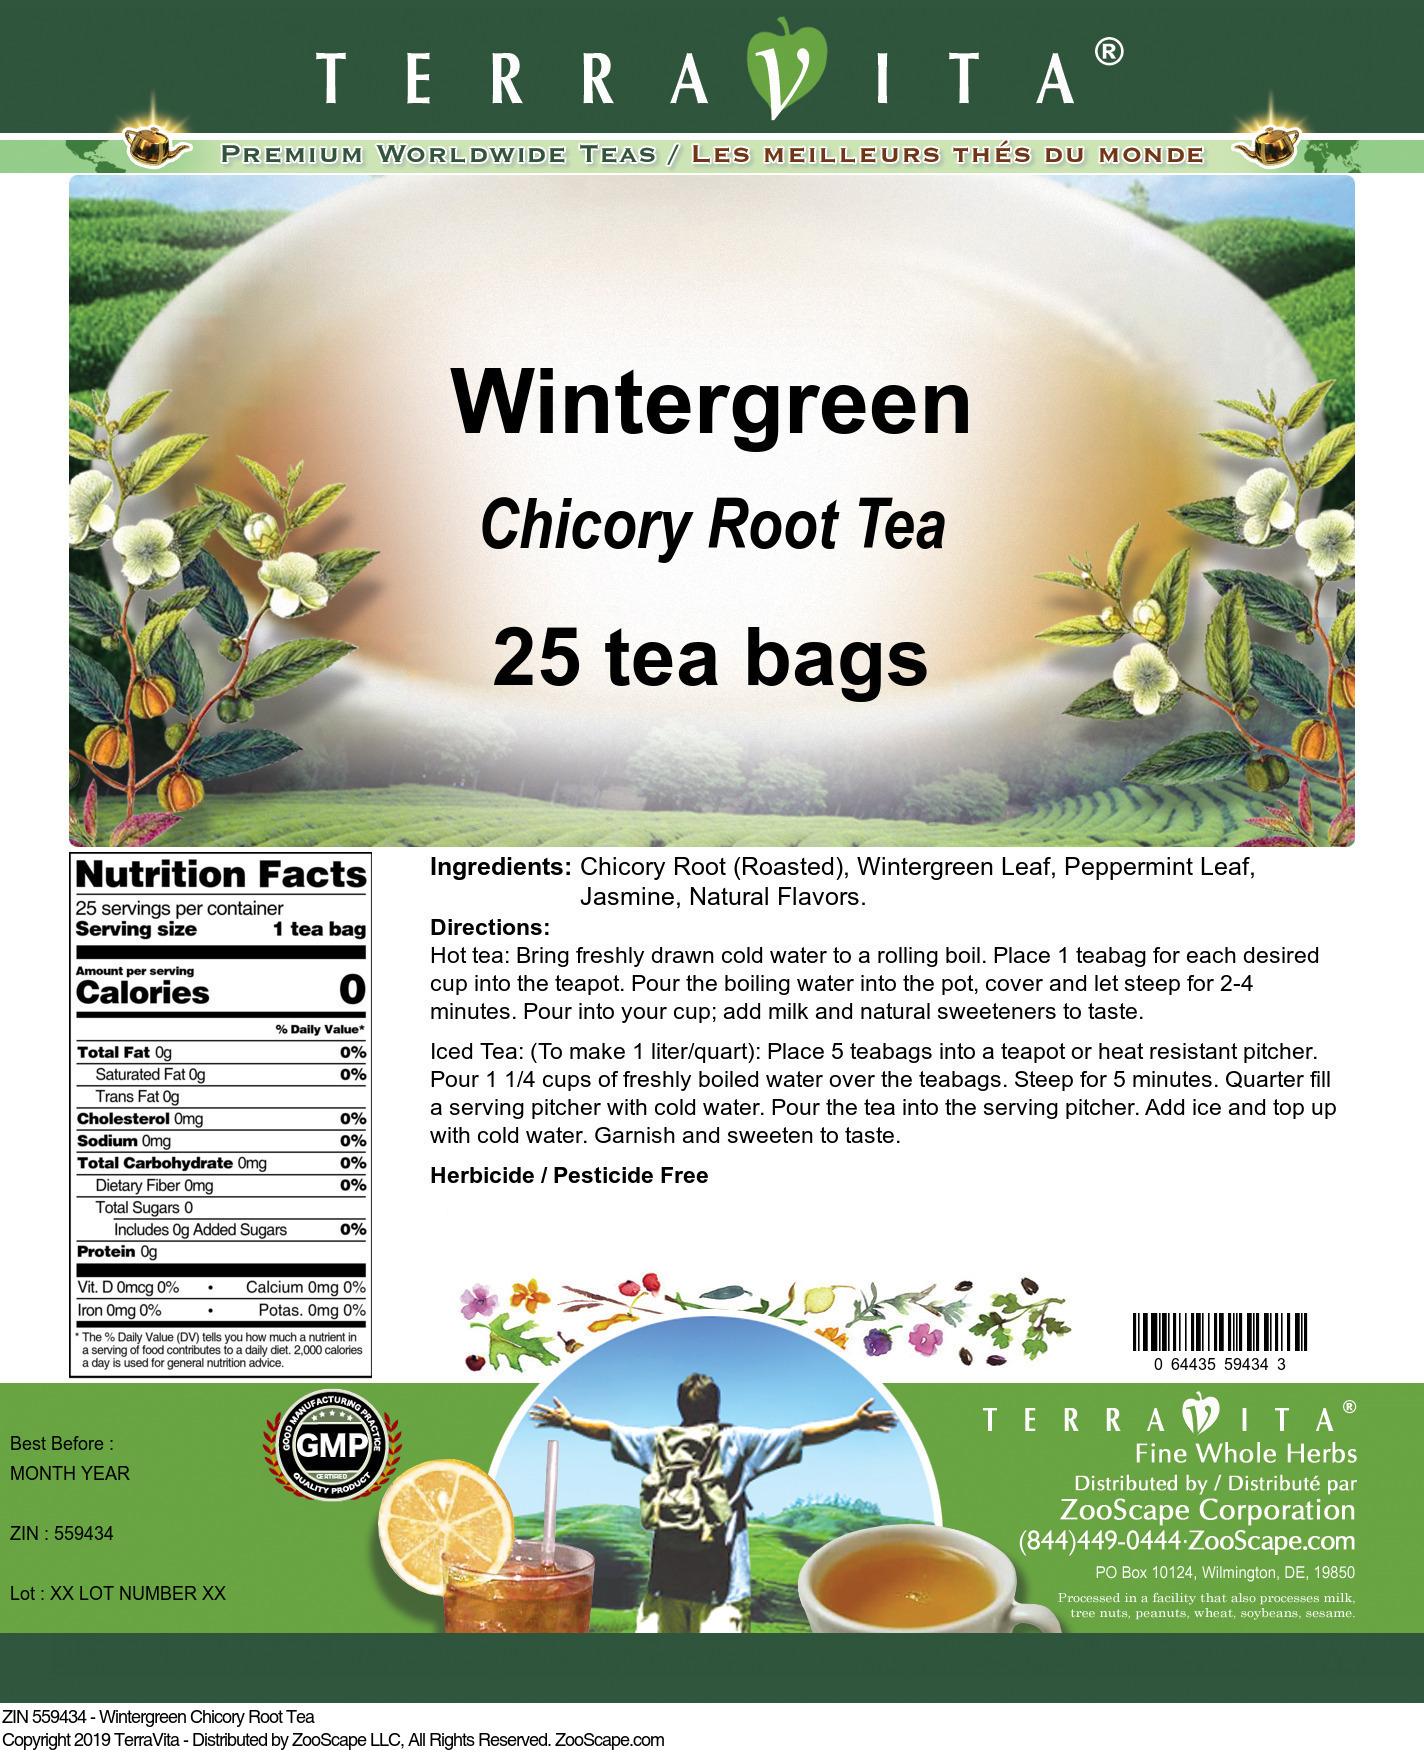 Wintergreen Chicory Root